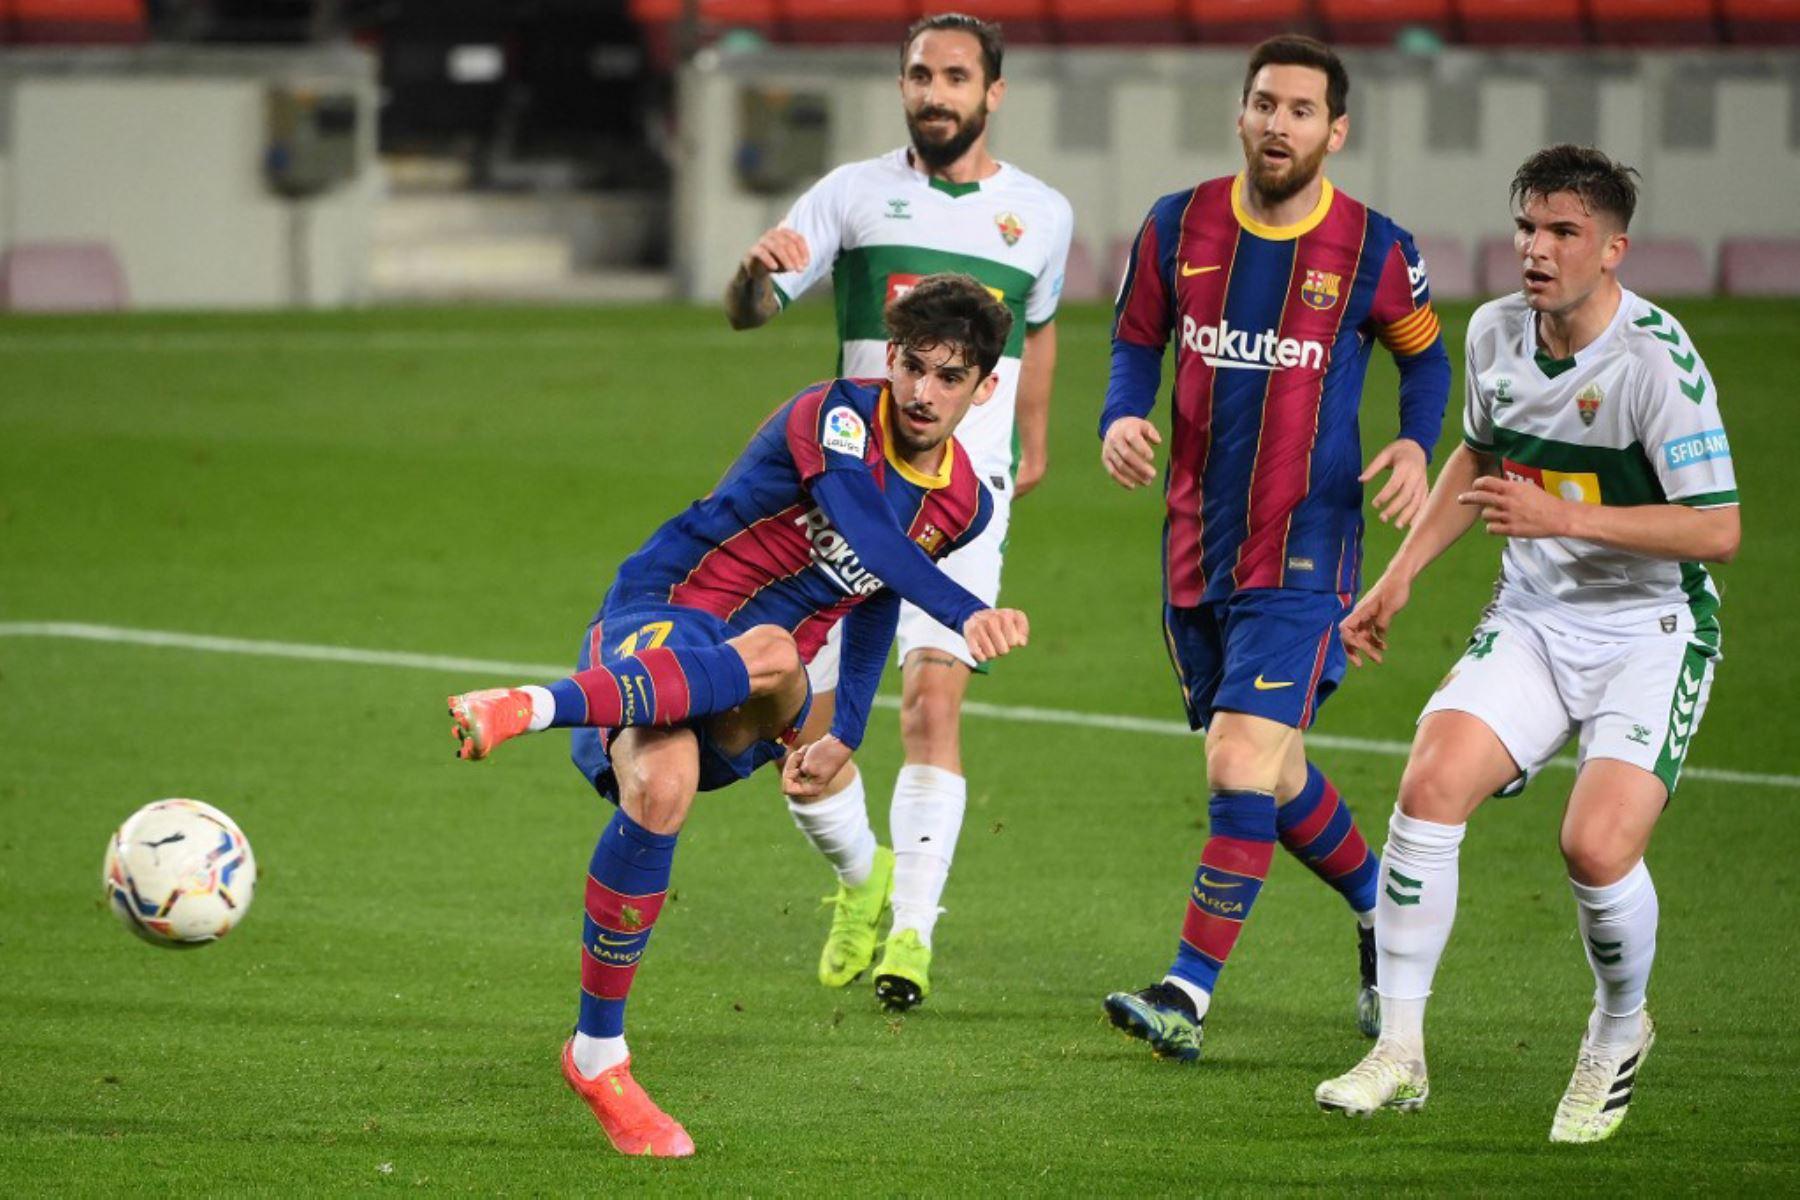 El delantero portugués del Barcelona Francisco Trincao (L) patea el balón en un intento de anotar durante el partido de fútbol de la liga española entre el FC Barcelona y Elche CF en el estadio Camp Nou de Barcelona  Foto:AFP